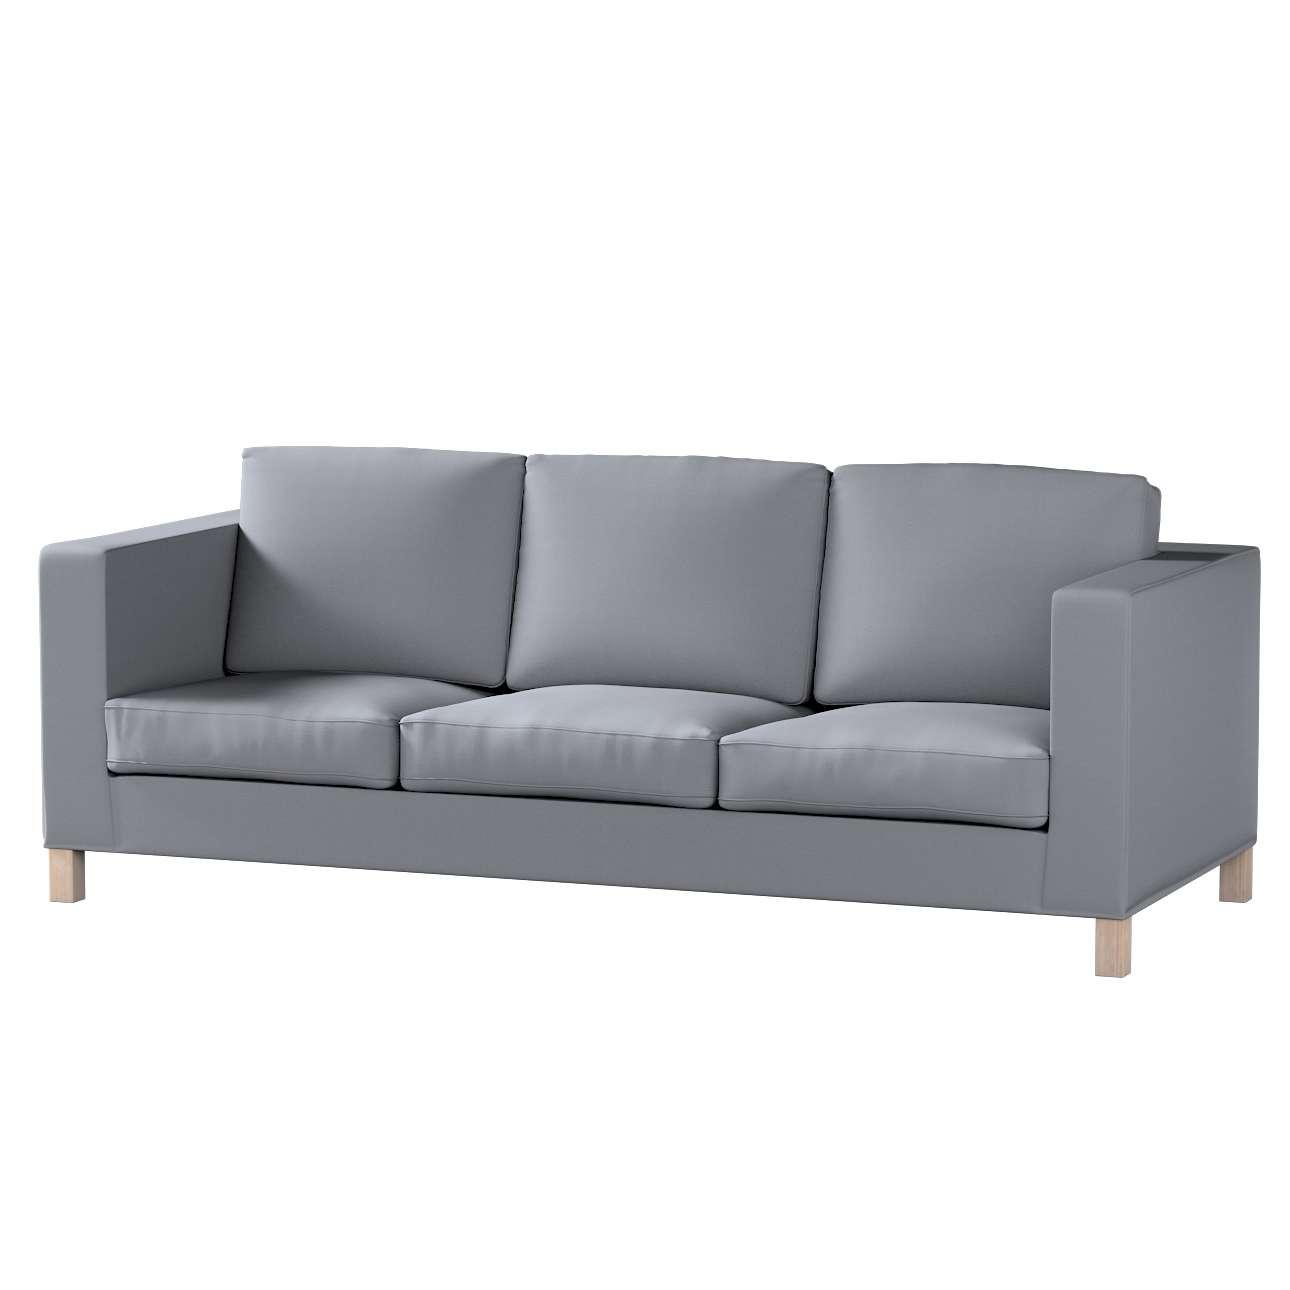 Karlanda 3-Sitzer  Sofabezug nicht ausklappbar kurz Karlanda 3-Sitzer, kurz von der Kollektion Cotton Panama, Stoff: 702-07